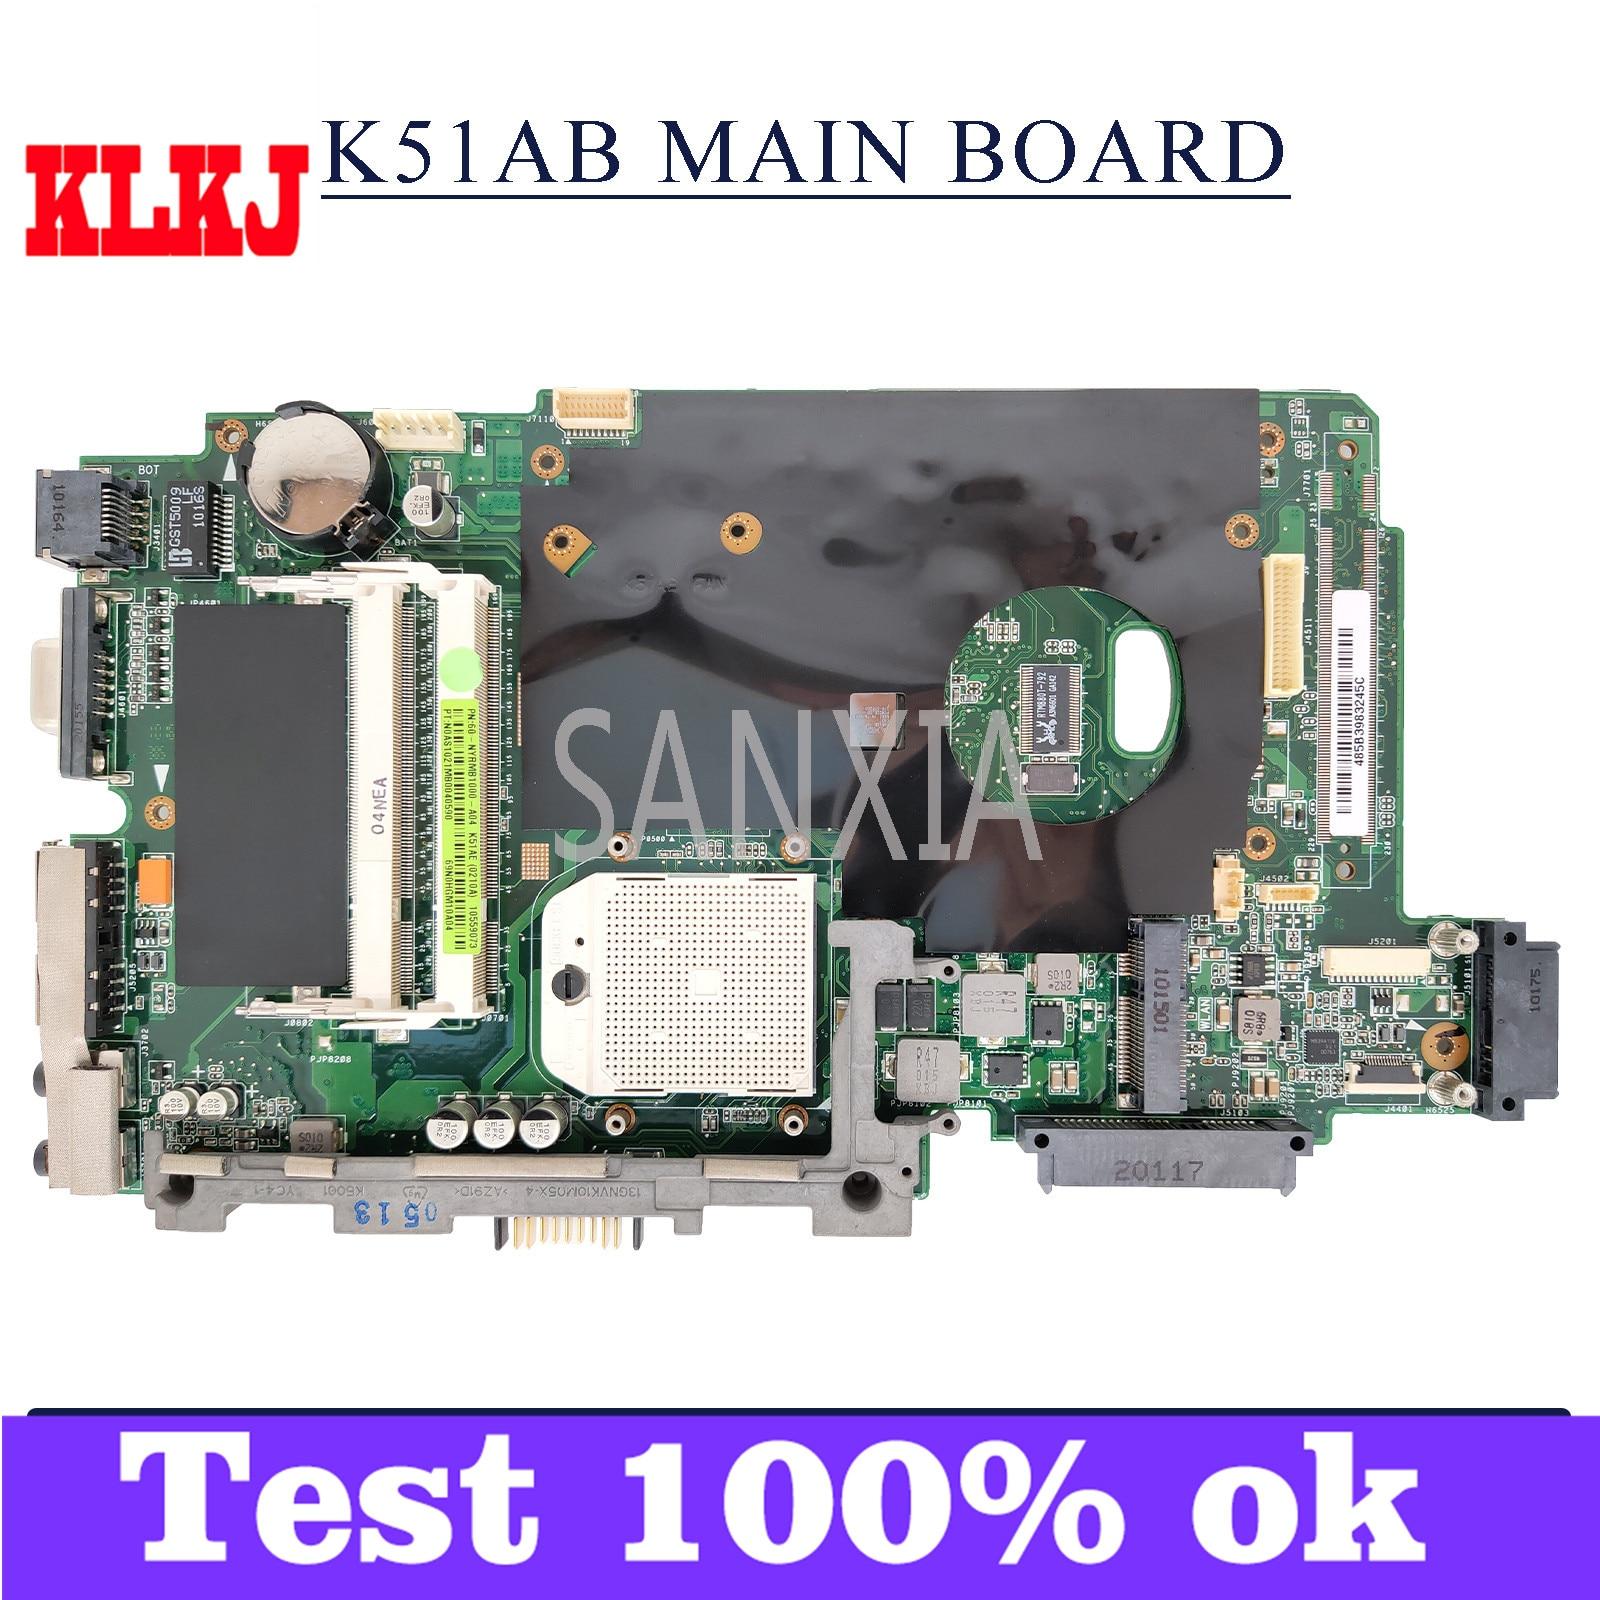 لوحة أم للكمبيوتر المحمول KLKJ K51AB لـ ASUS K51AB K51AF K51AE K51A لوحة رئيسية أصلية